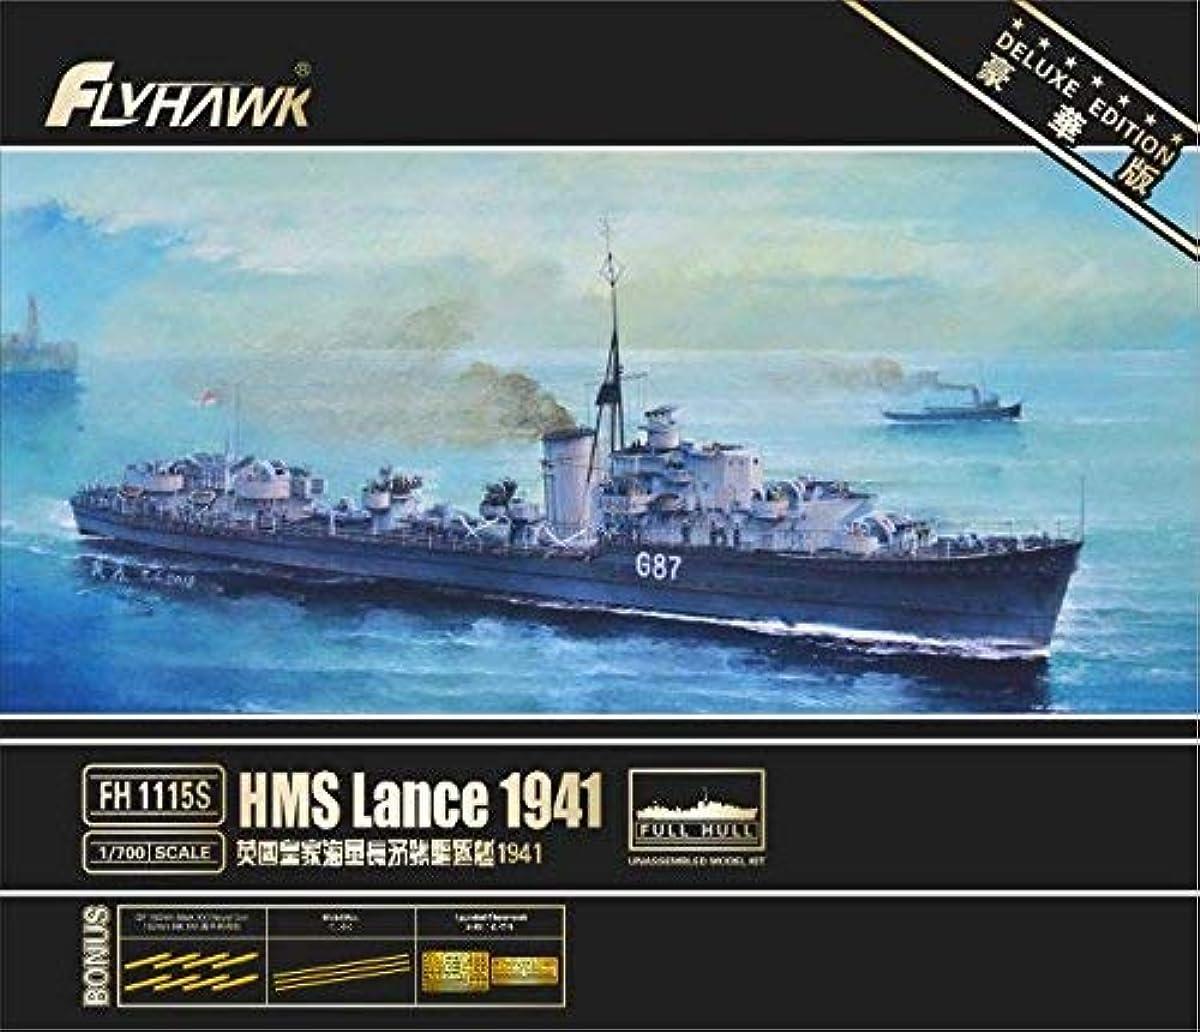 [해외] 플라이 호크 모델 1/700 영국 해군 구축함 랭스 1941년 디럭스 에디션 프라모델  FLYFH1115S